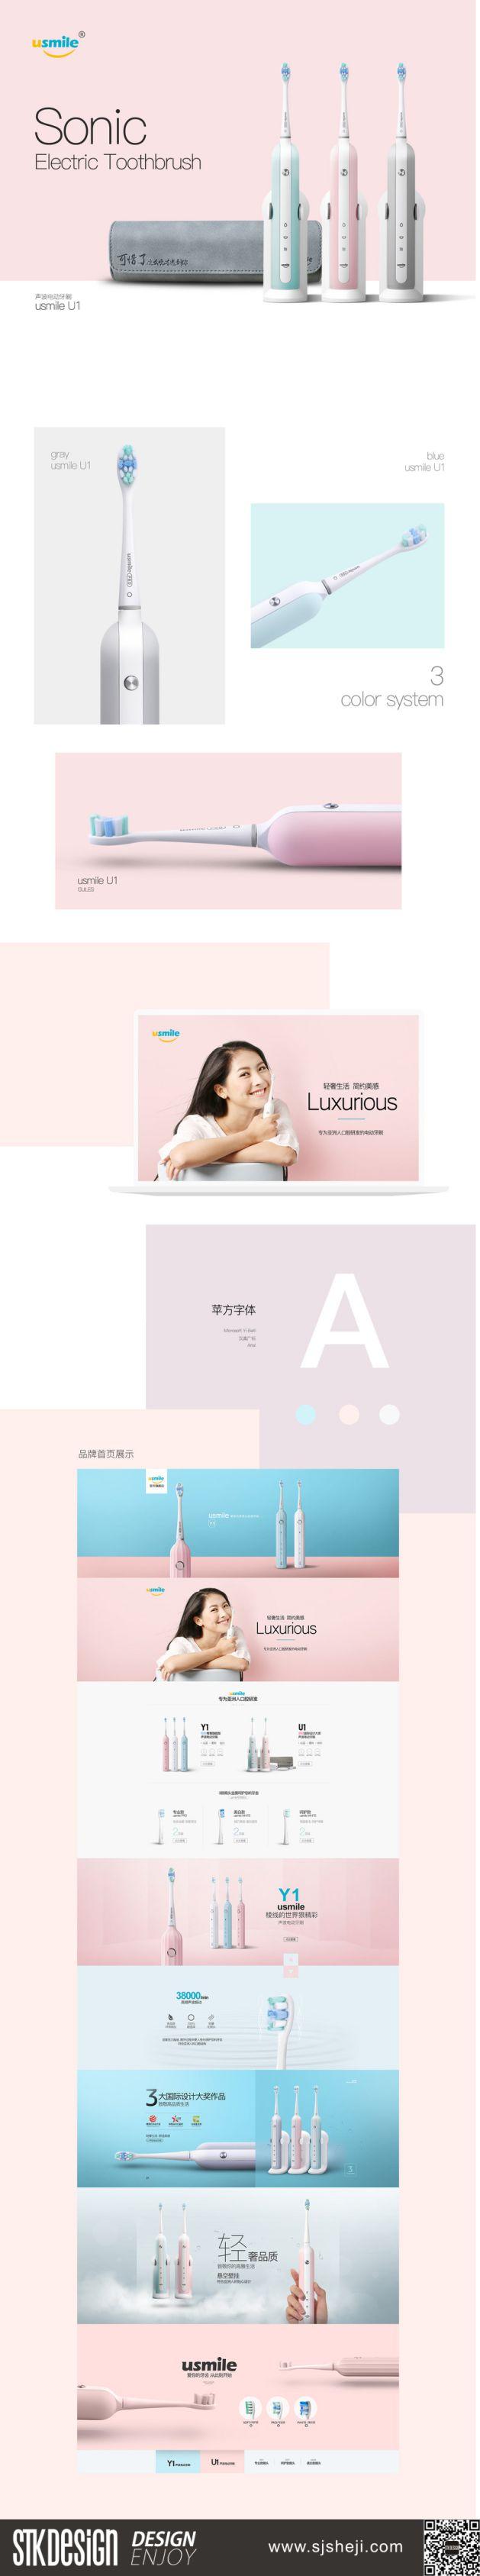 Usmile品牌版式页面设计